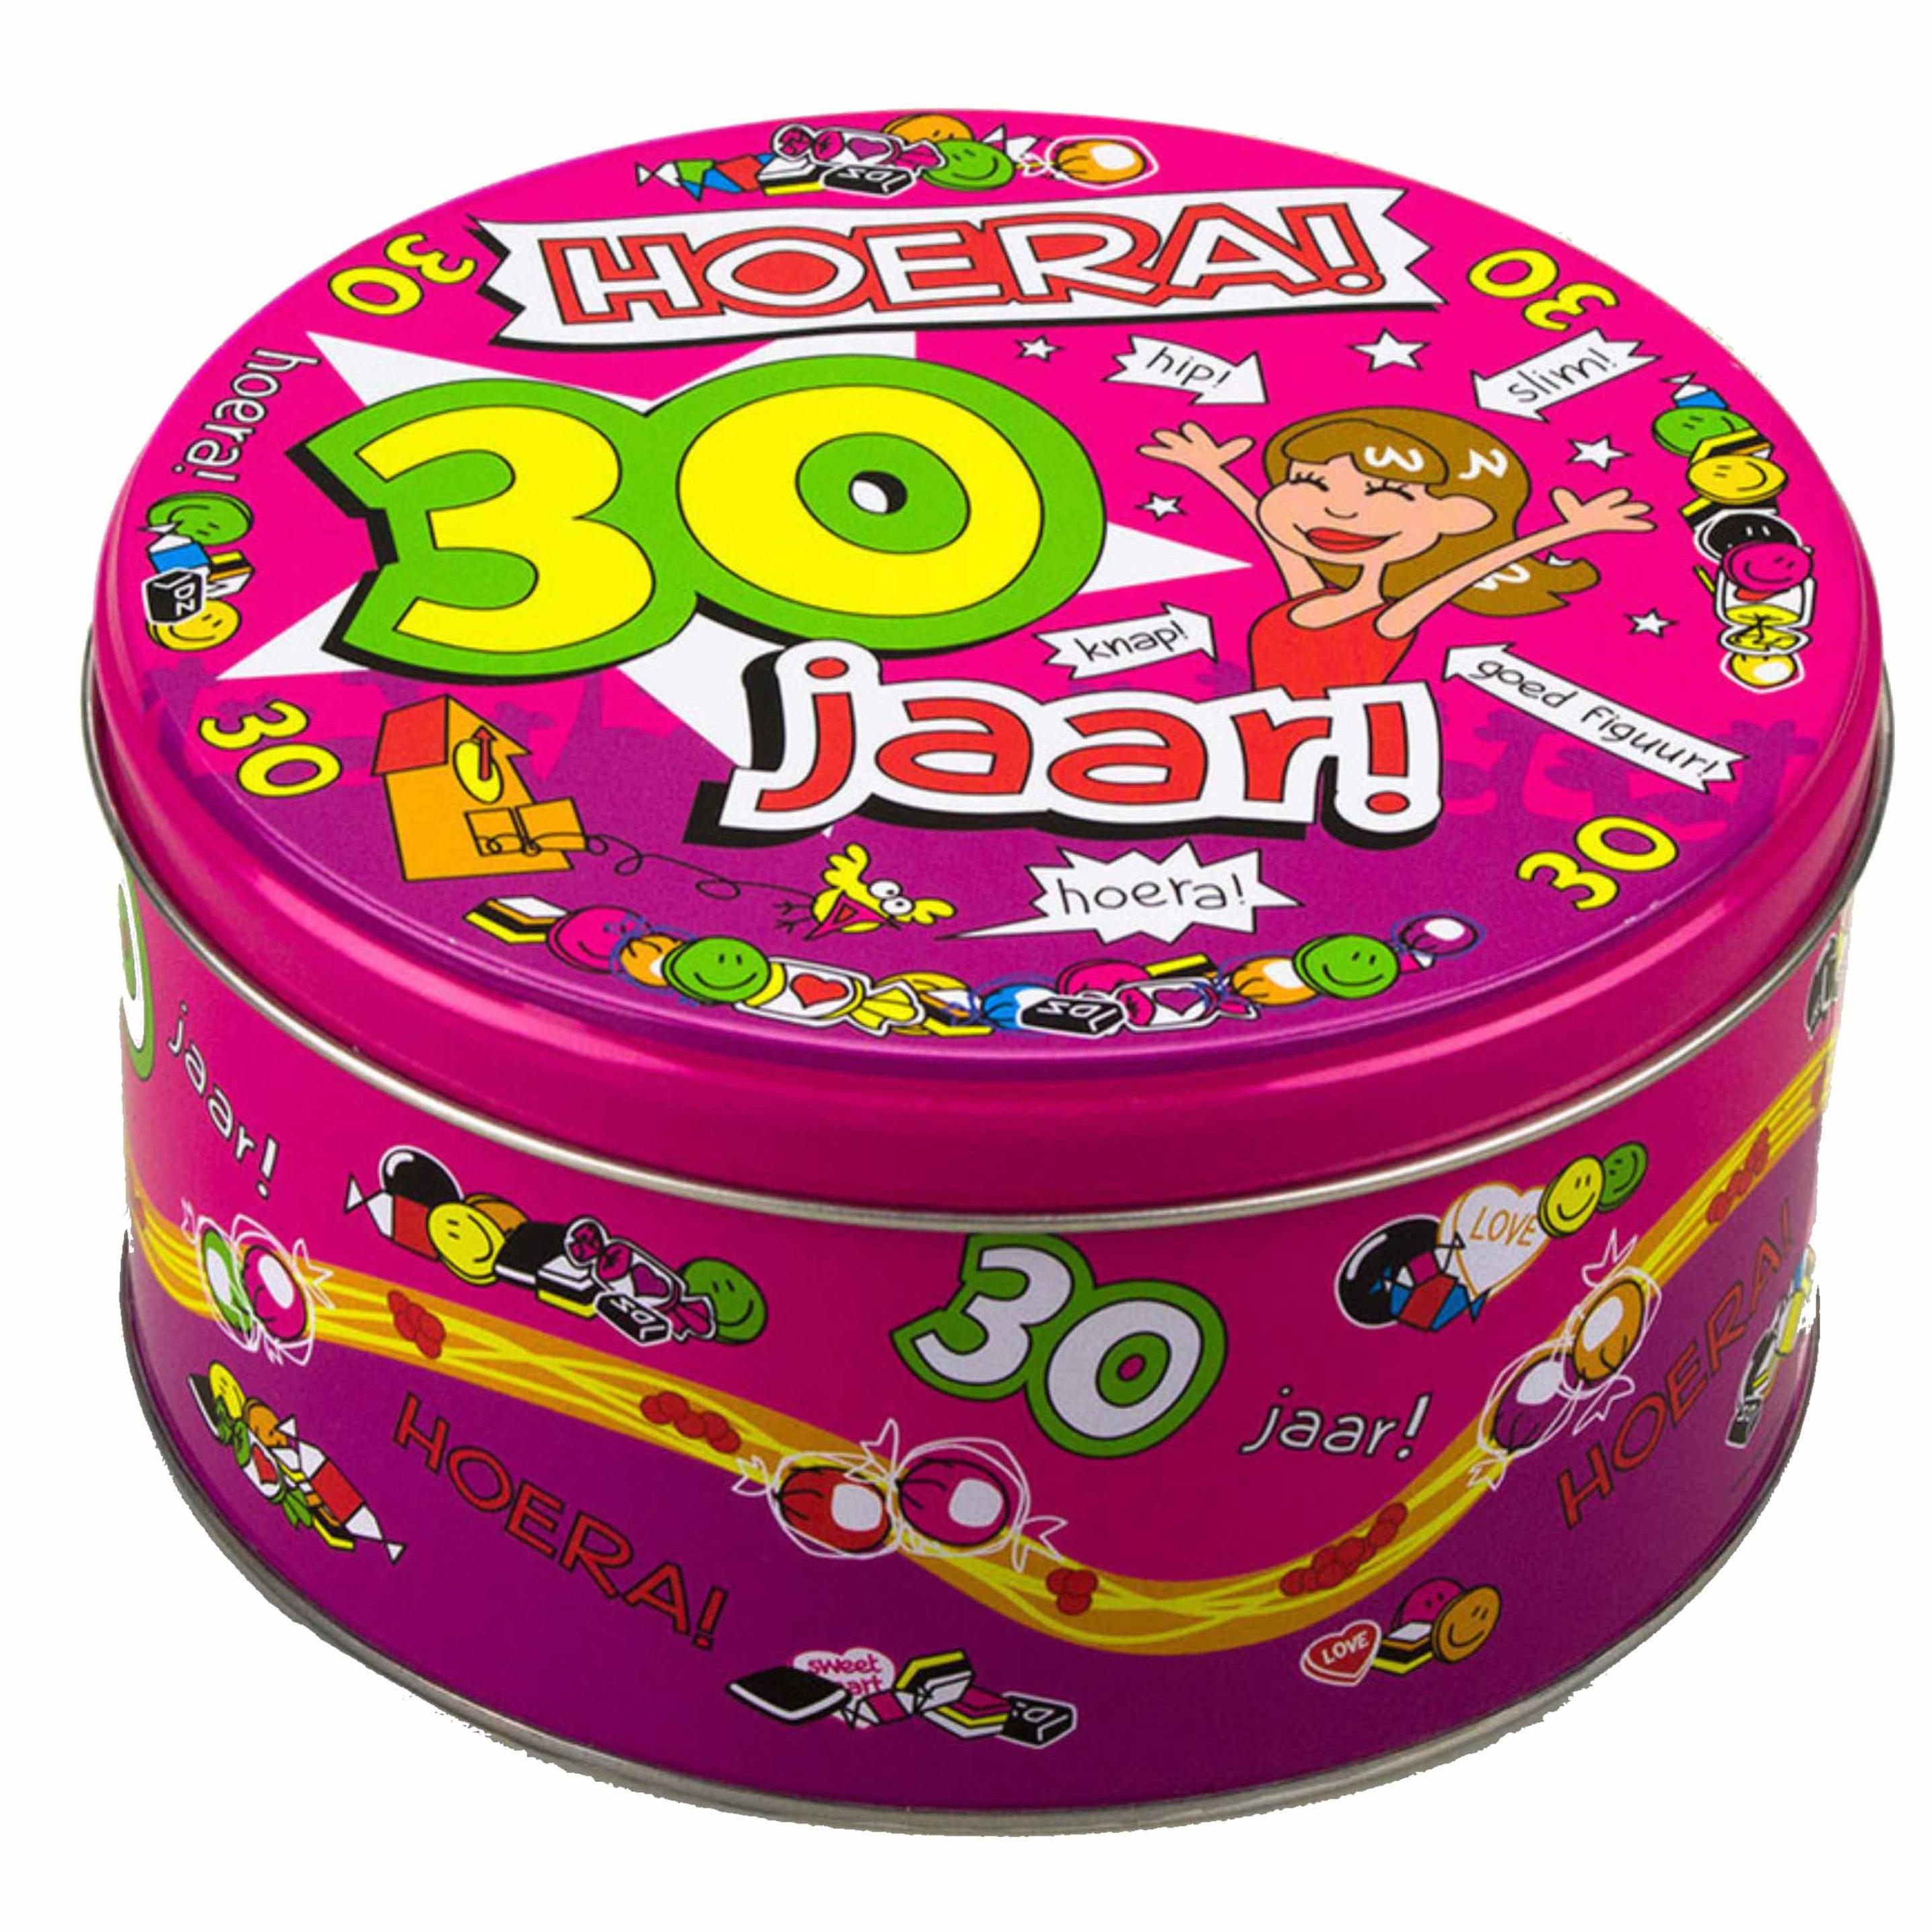 Snoeptrommel/cadeautrommel 30 jaar verjaardagscadeau/versiering voor vrouwen